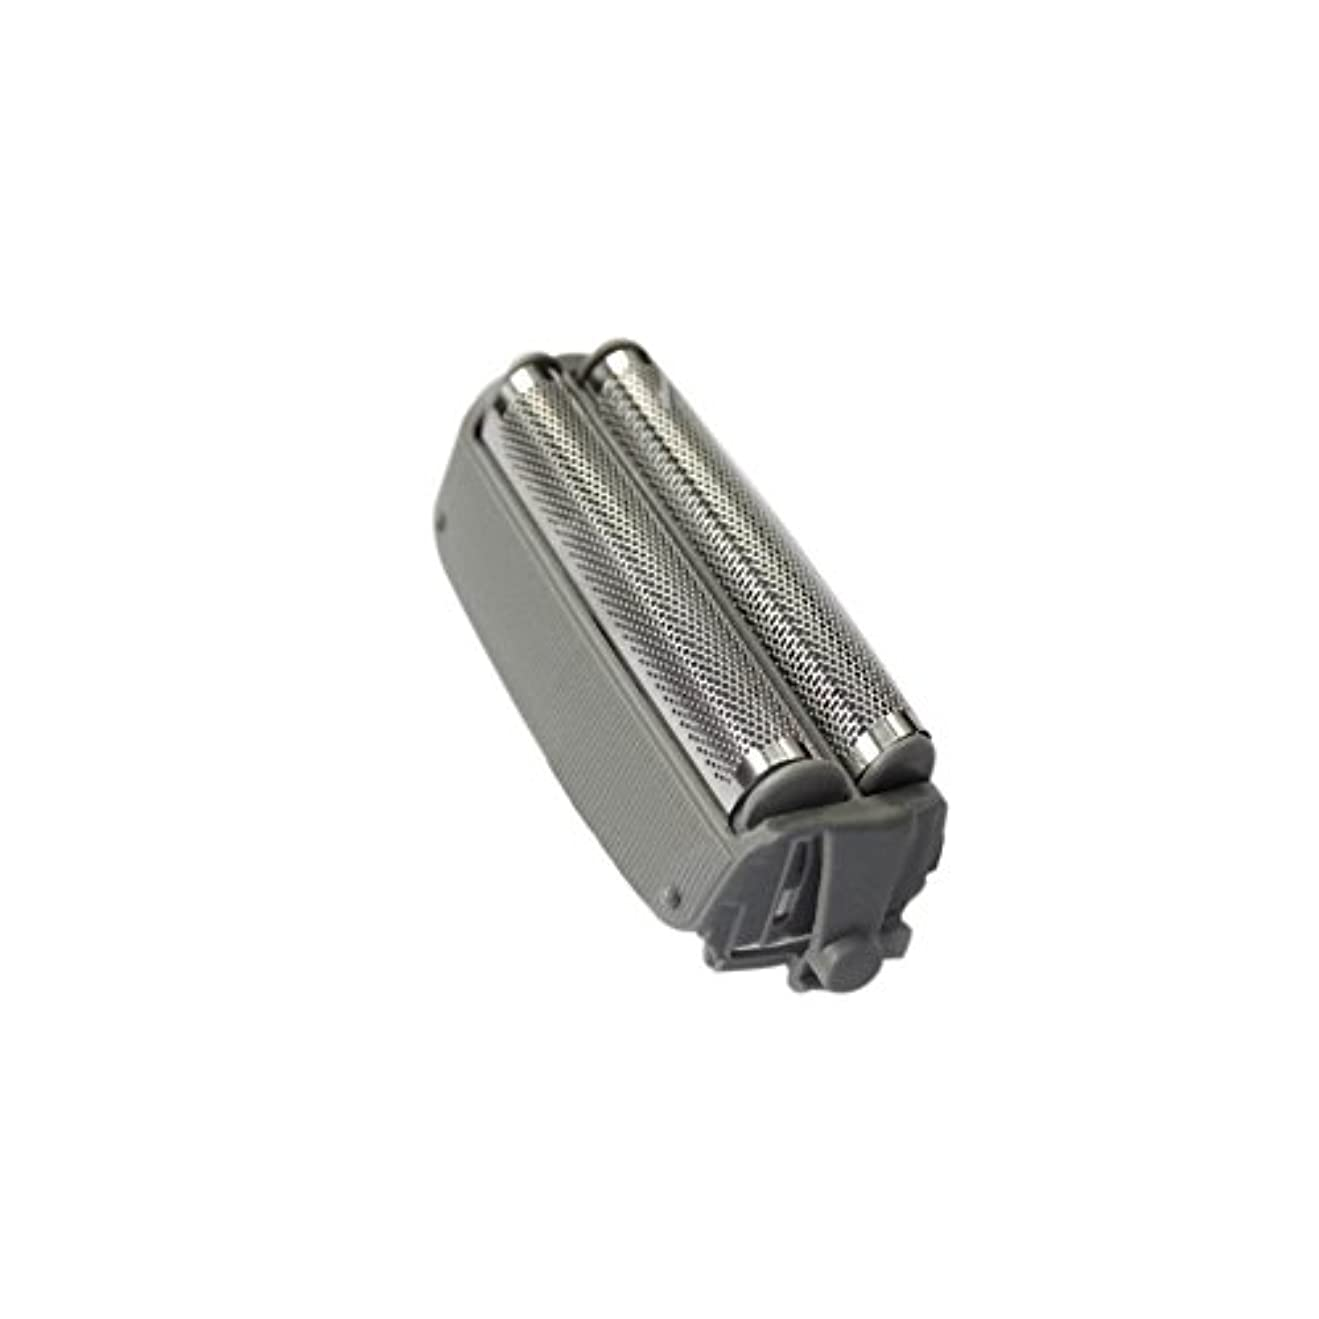 成功した控えめな講義HZjundasi Replacement Outer ホイル for Panasonic ES4027/33/35/36 ES4820/23 ES9859